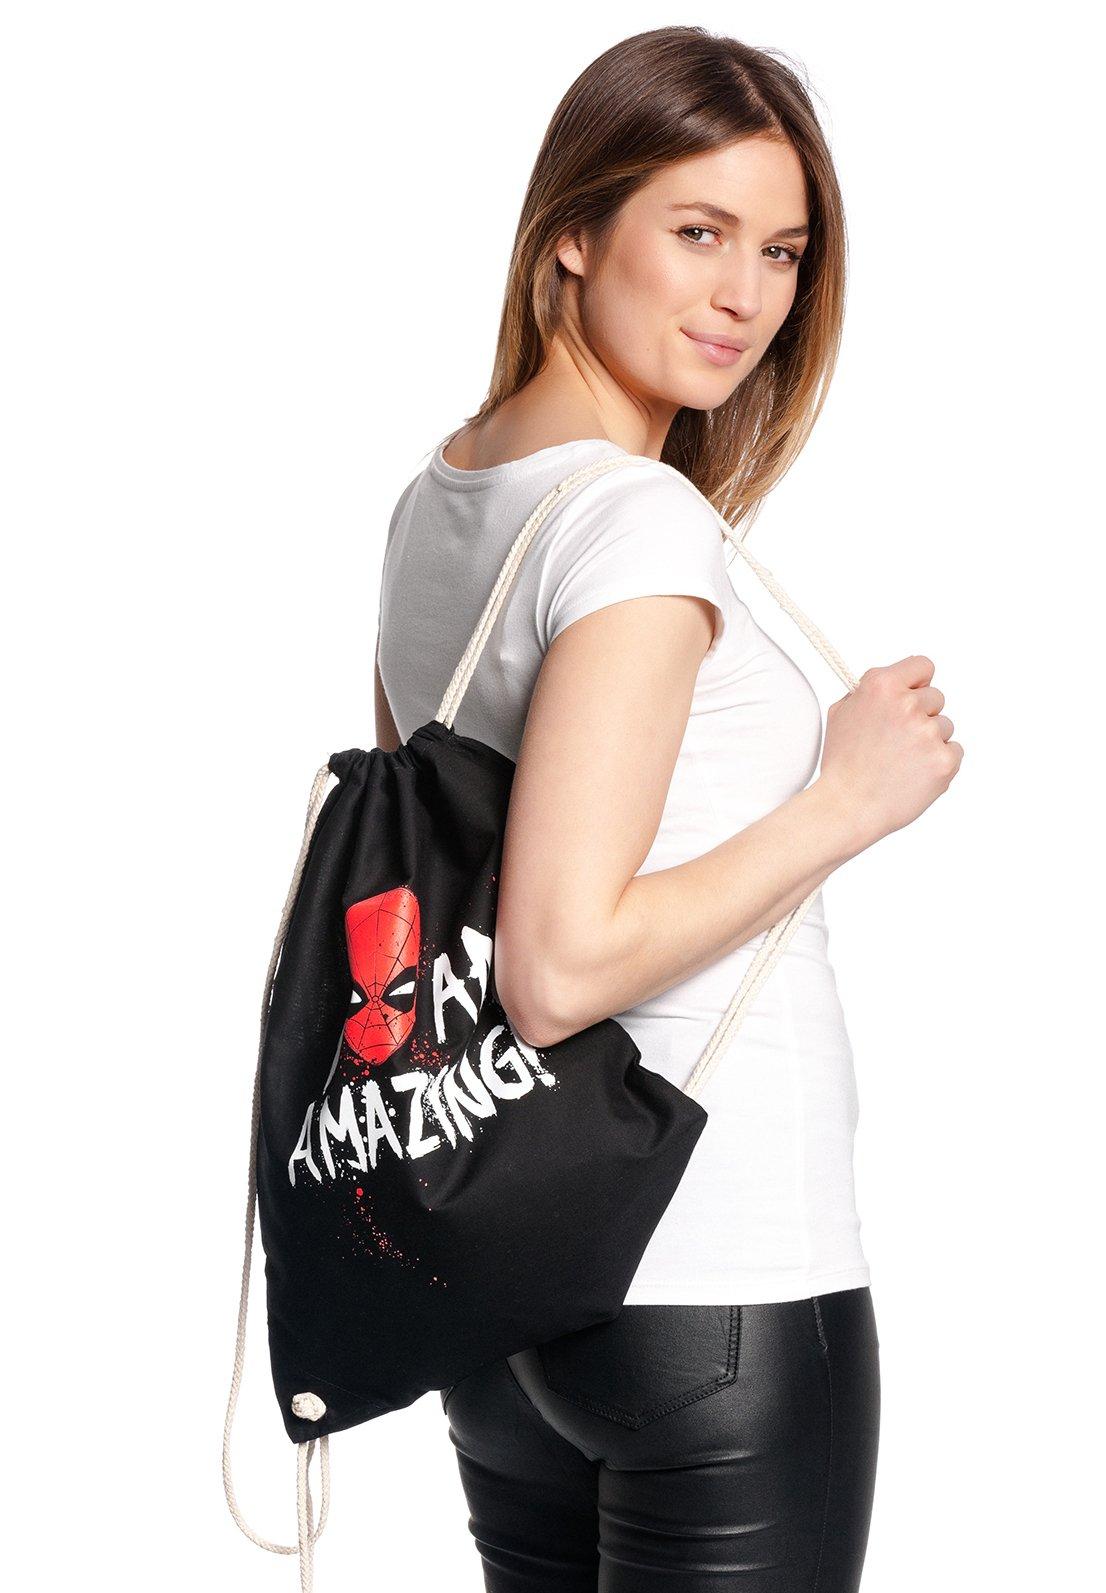 Damen SPIDERMAN AMAZING - Sporttasche